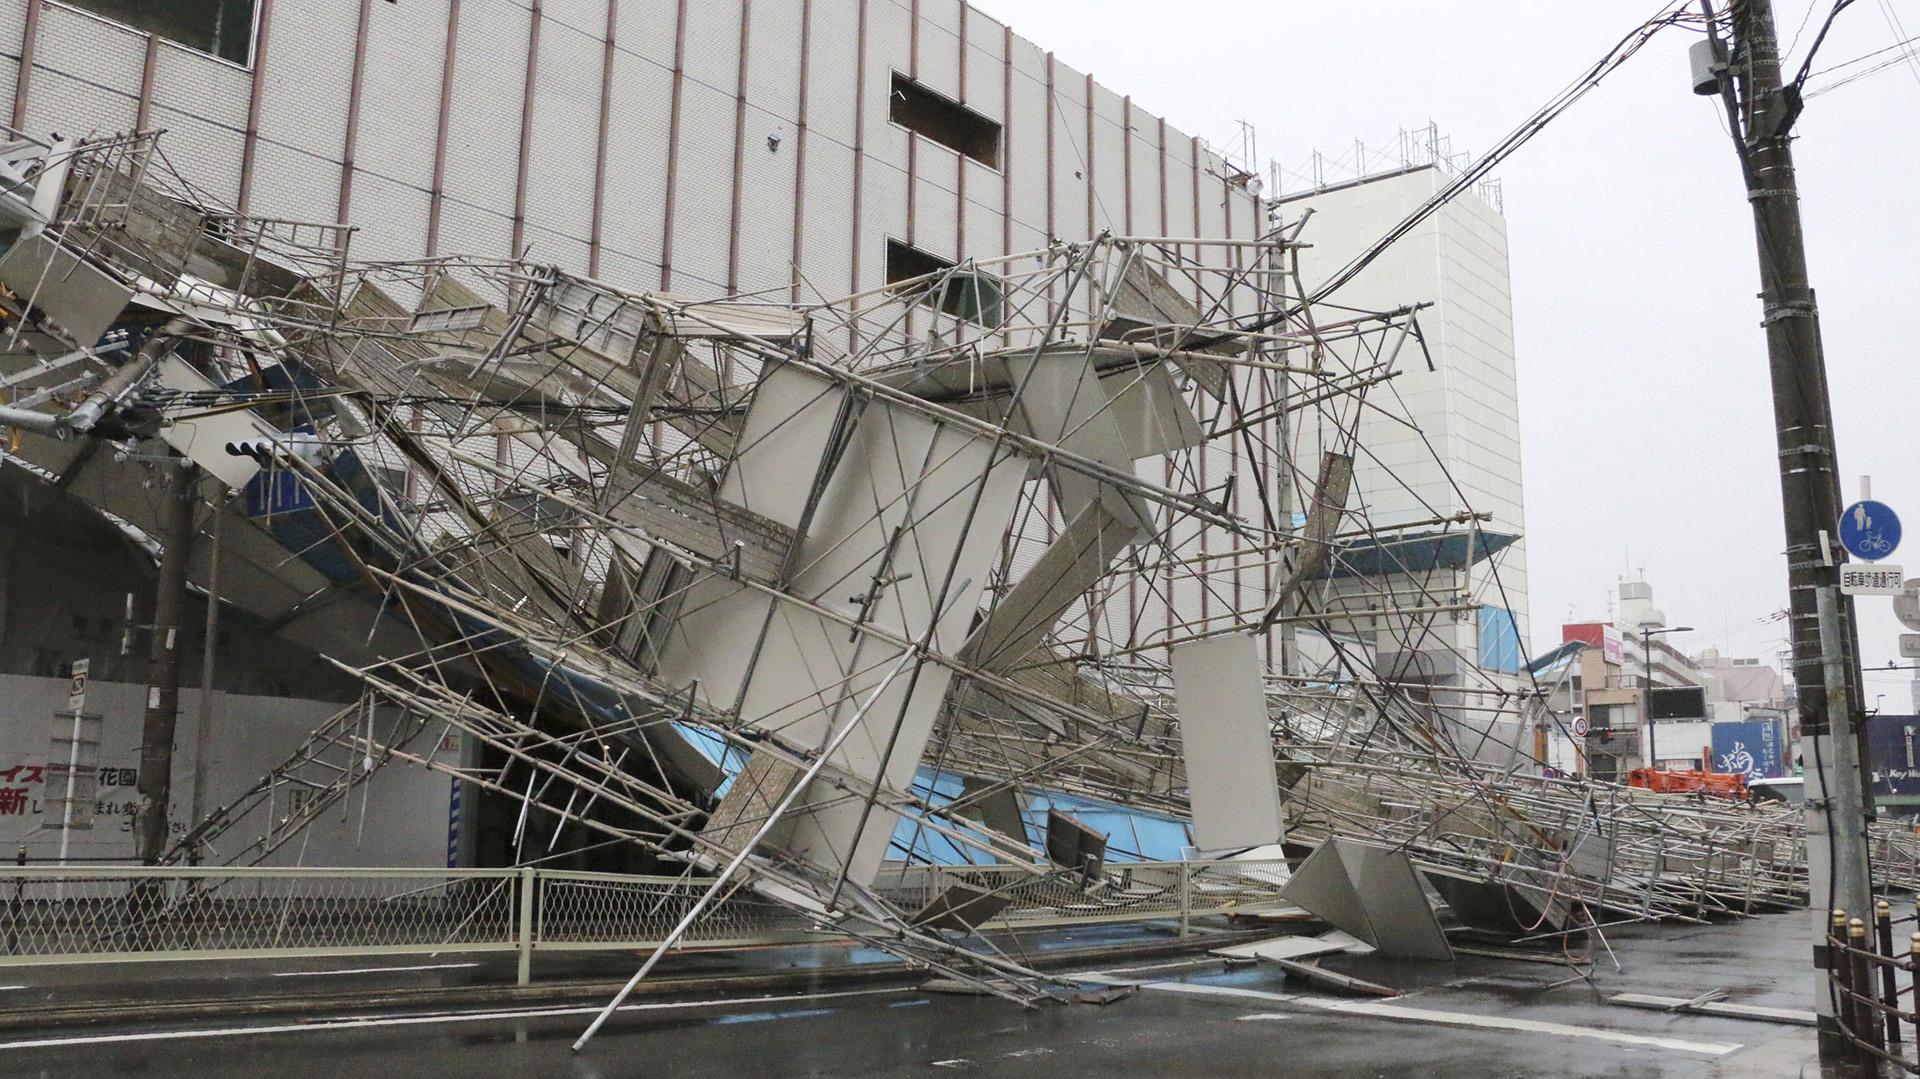 Otro edificio dañado por el tifón (Reuters)